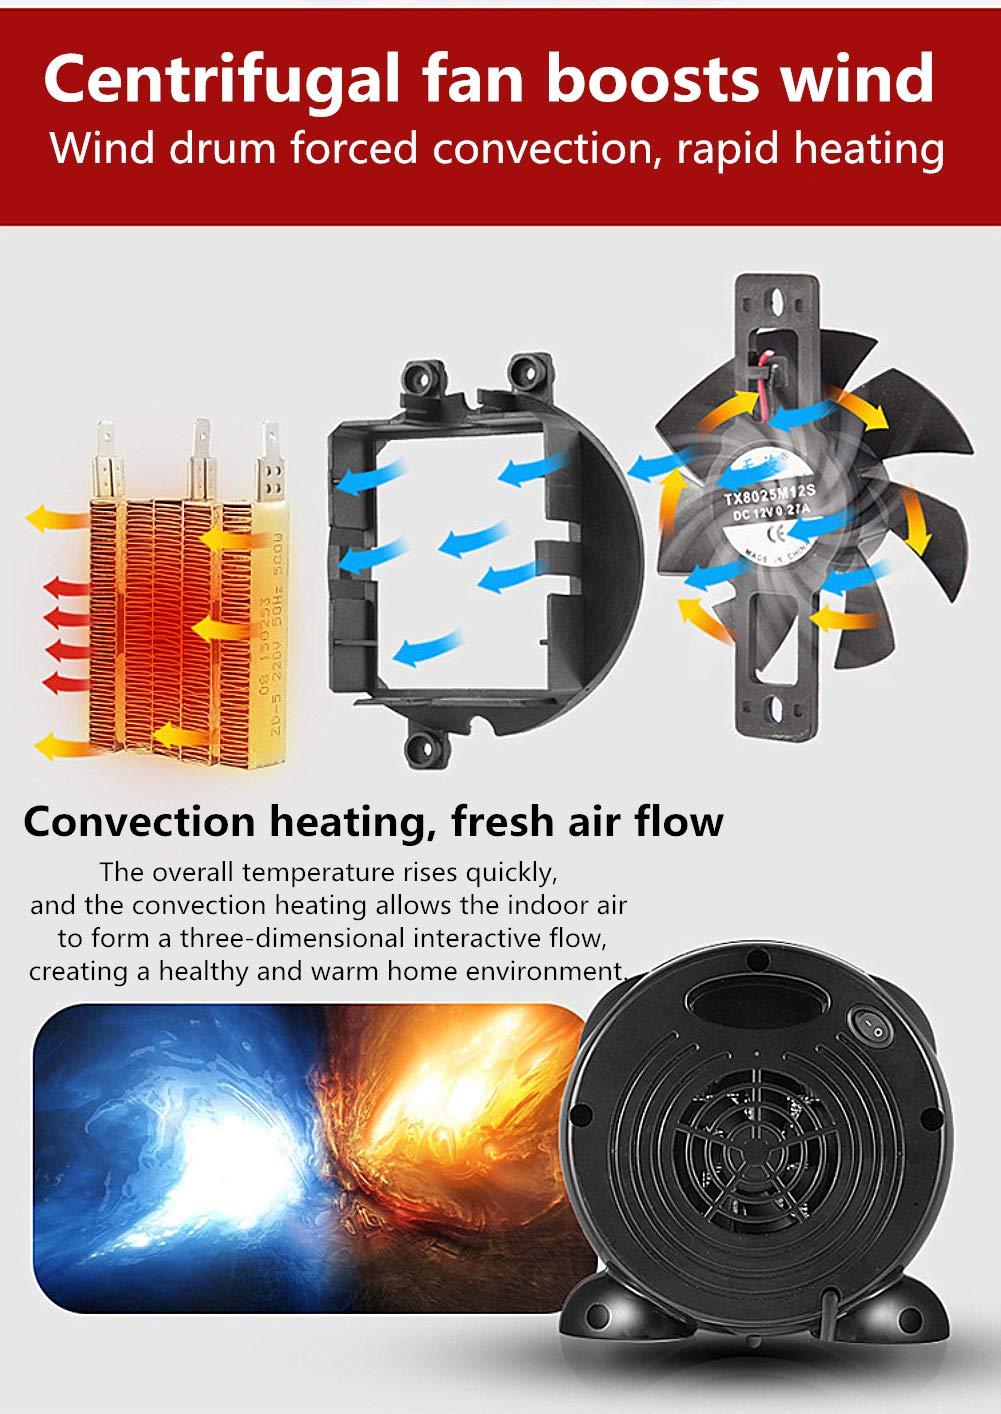 CATLXC Mini Portátil Heater Bajo Consumo con Adaptador De Corriente - Estufa Eléctrica Calefactor Ahorro De Energia 500W - Elementos Calefactables Cerámicos ...